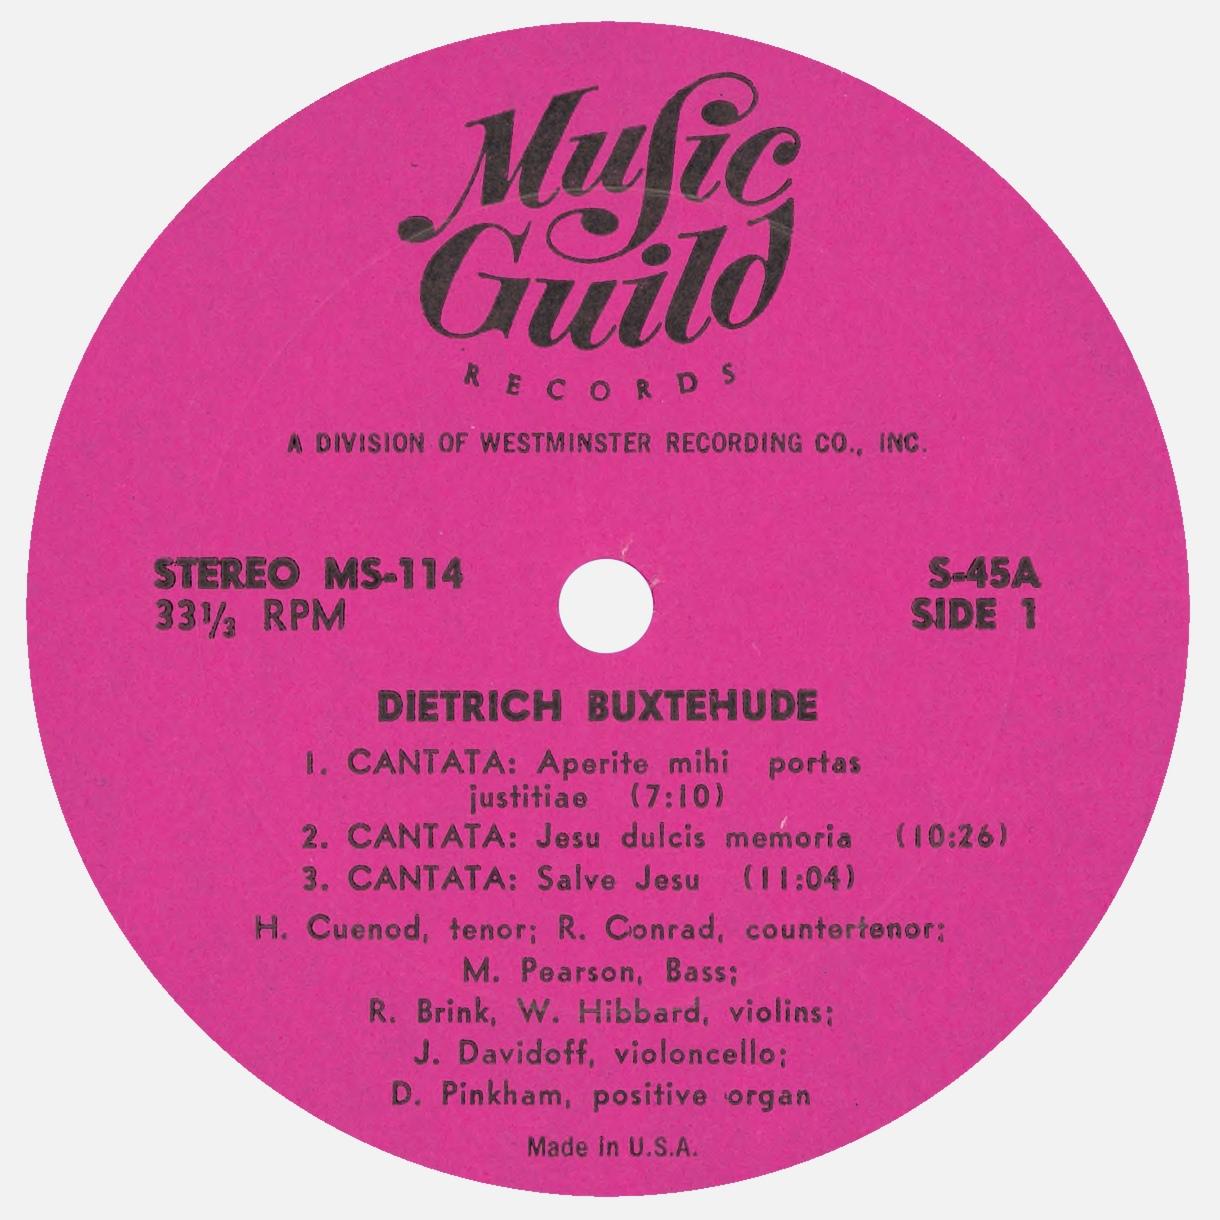 Étiquette recto du disque Music Guild Records MS-114